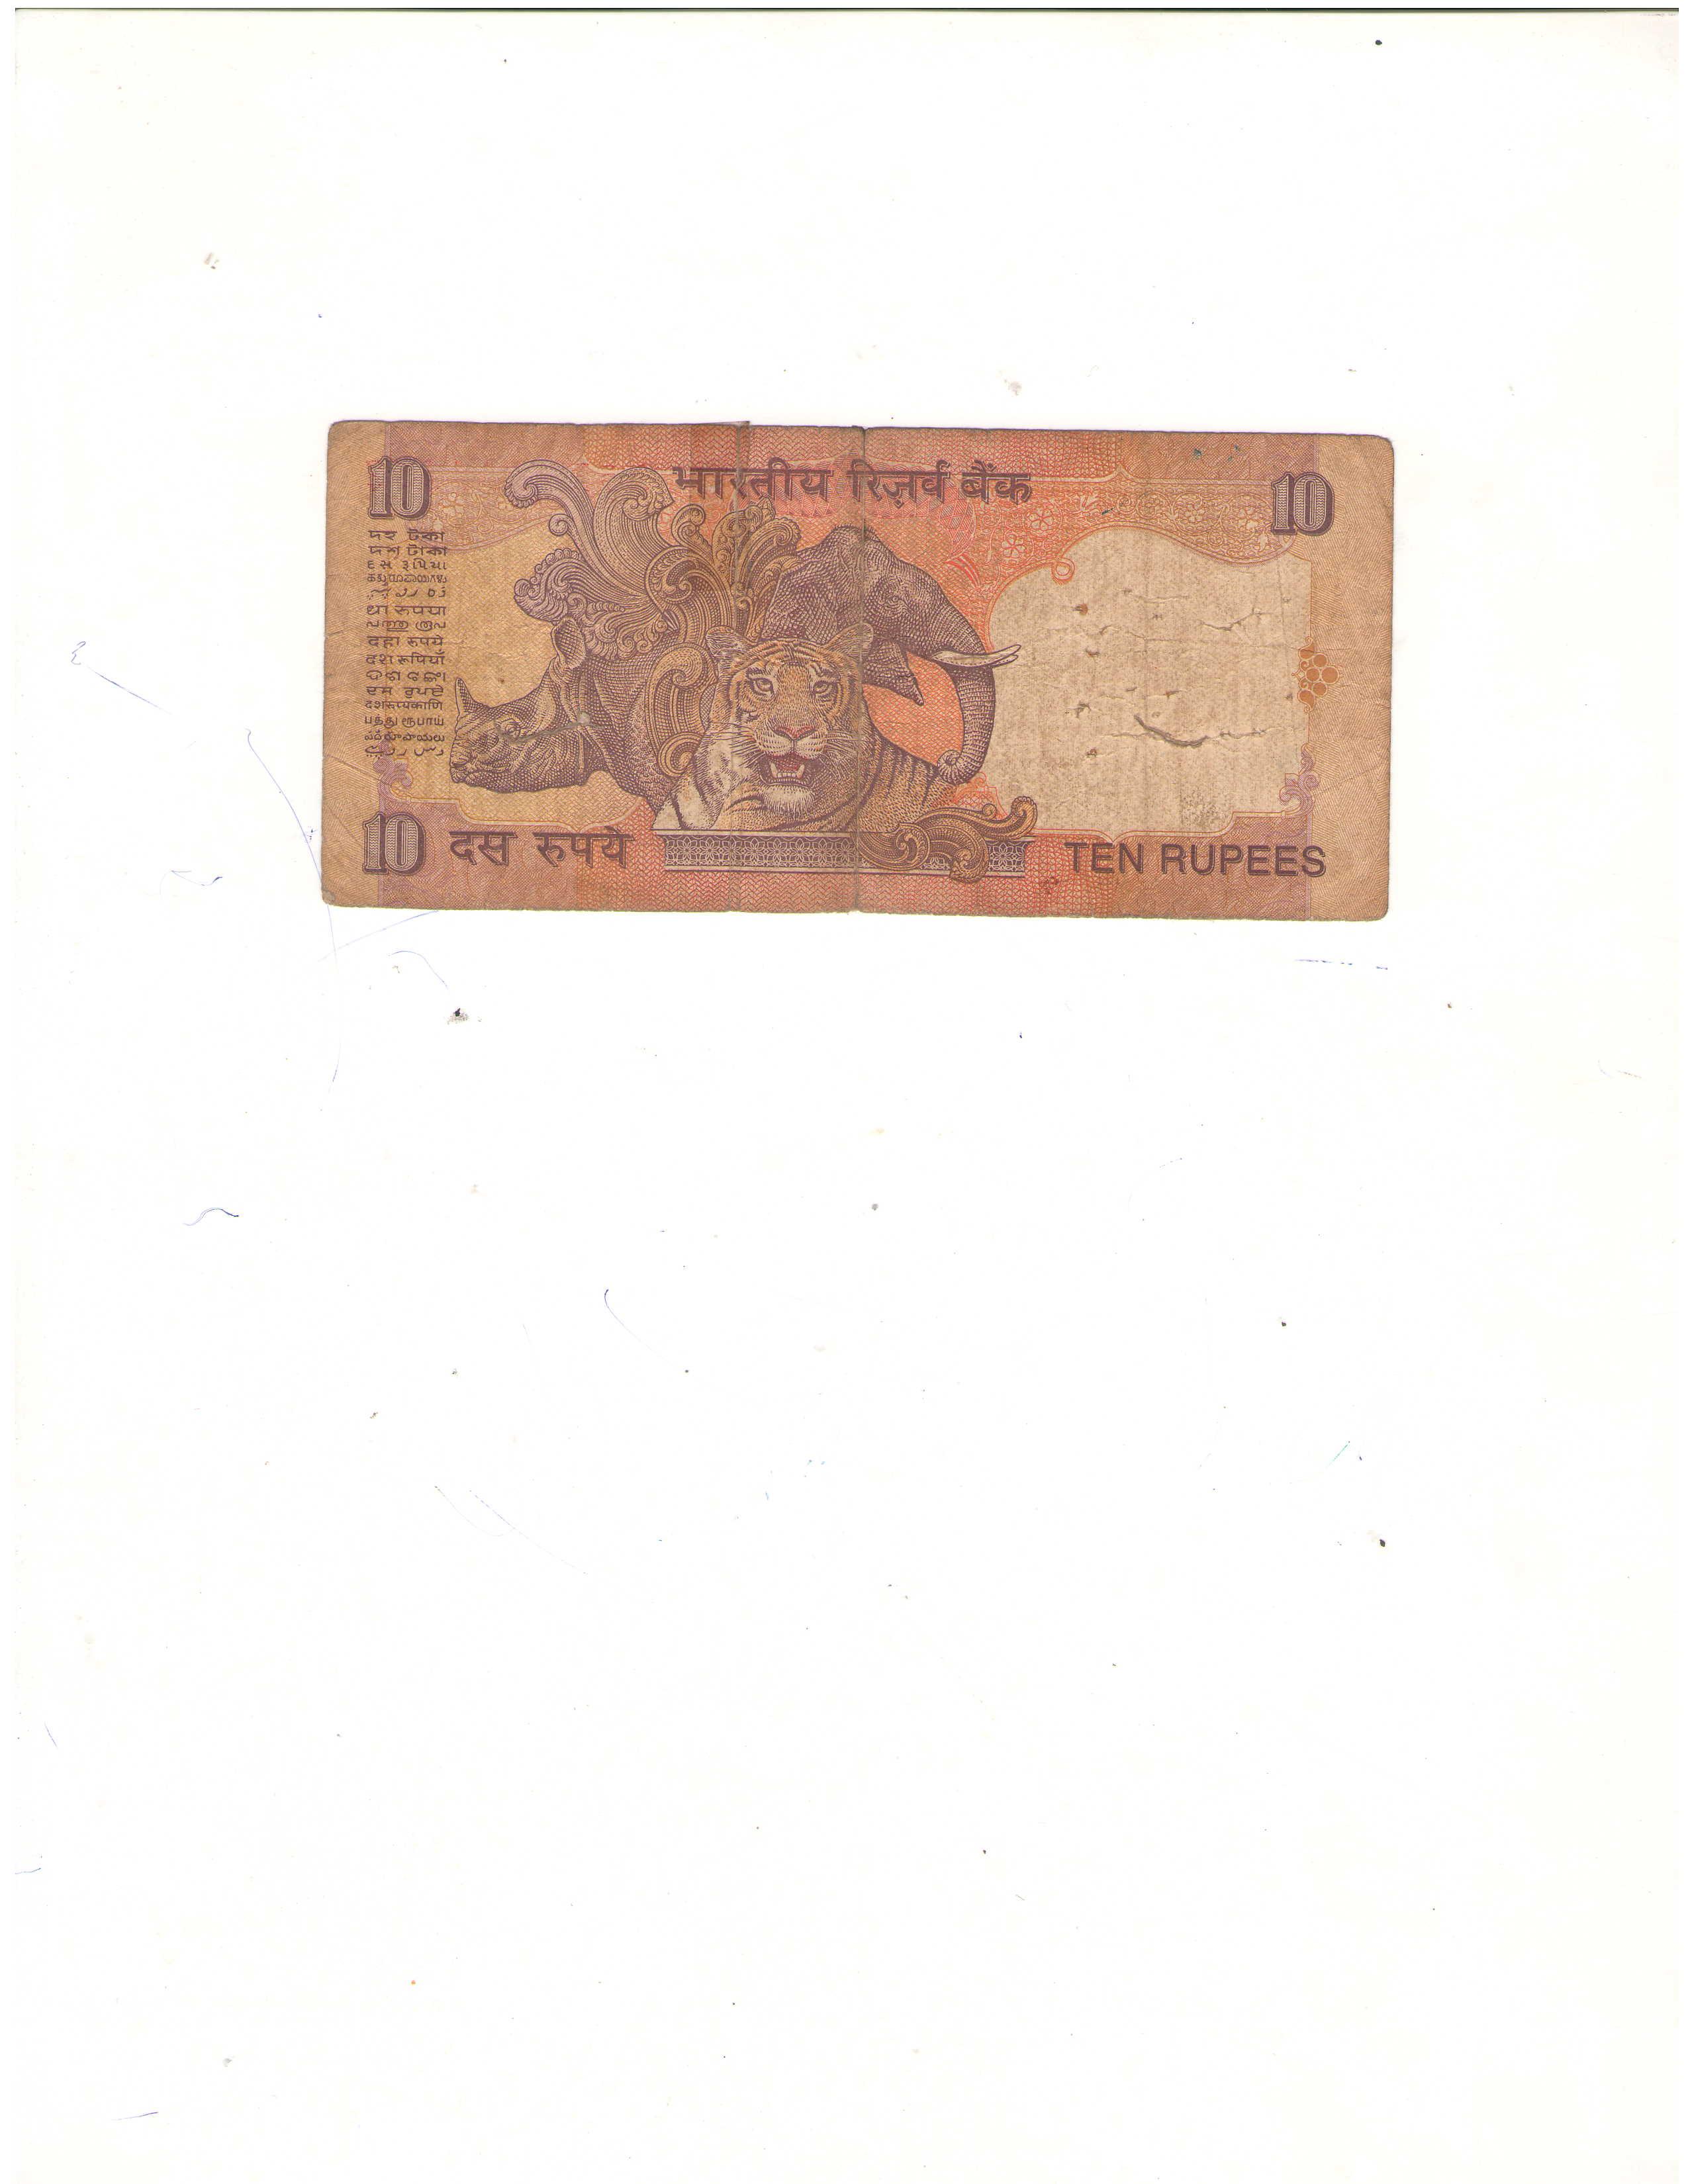 10 Rupees 111111 Digit